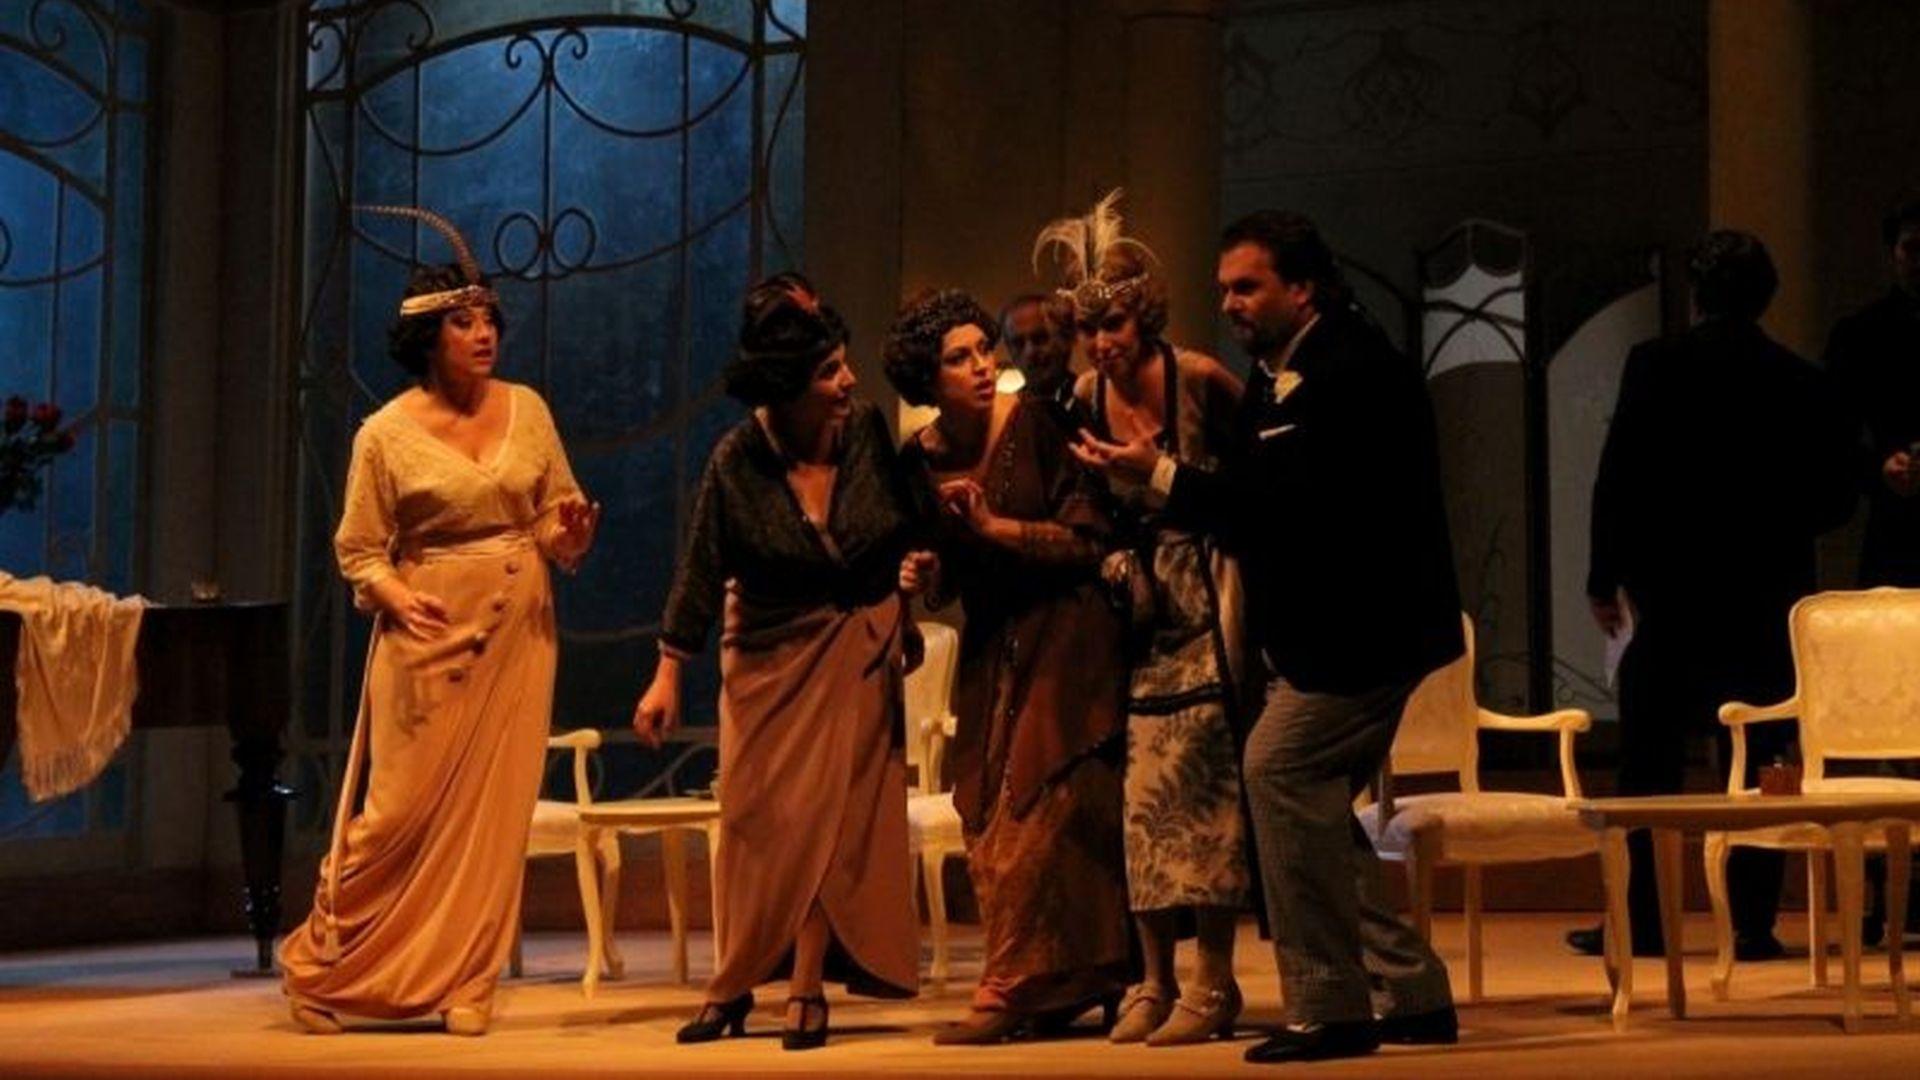 Luca, rappresentazione al teatro del Giglio per I giorni di Puccini